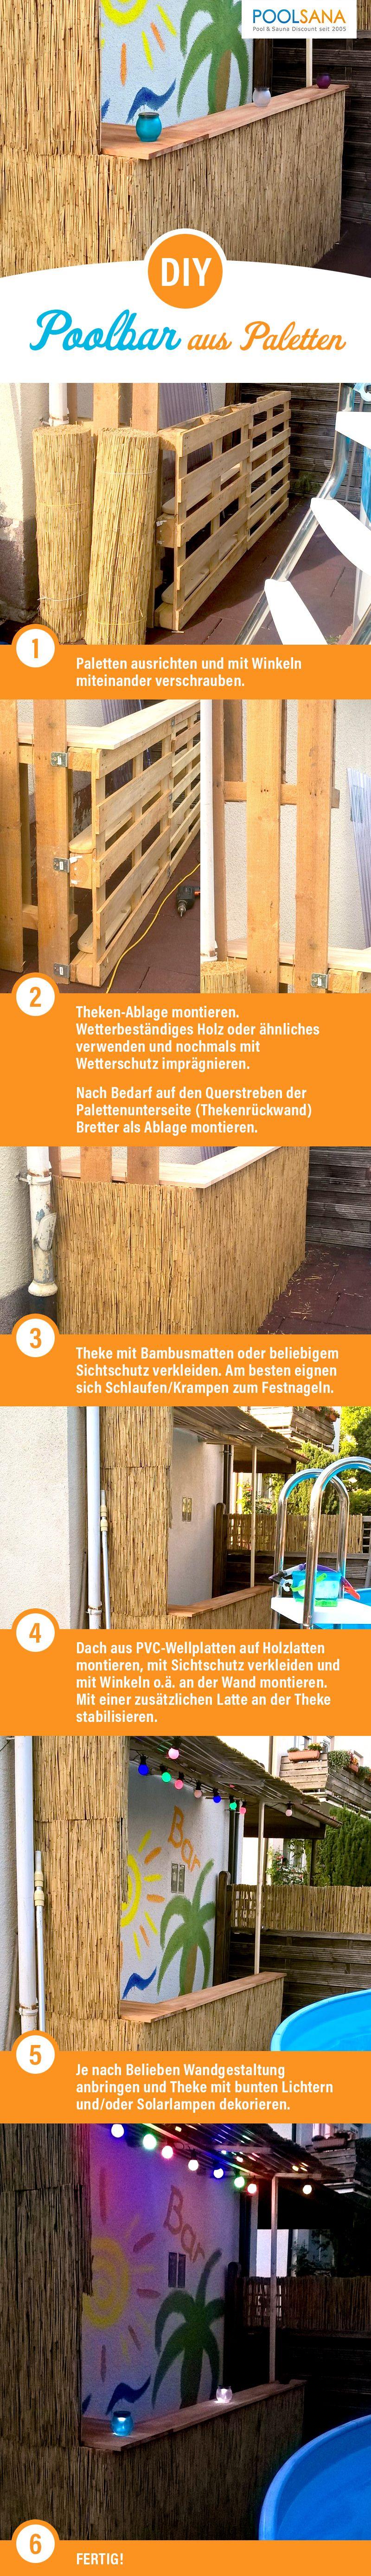 DIY: Poolbar aus Paletten! So bauen Sie Schritt-für-Schritt einfach ...